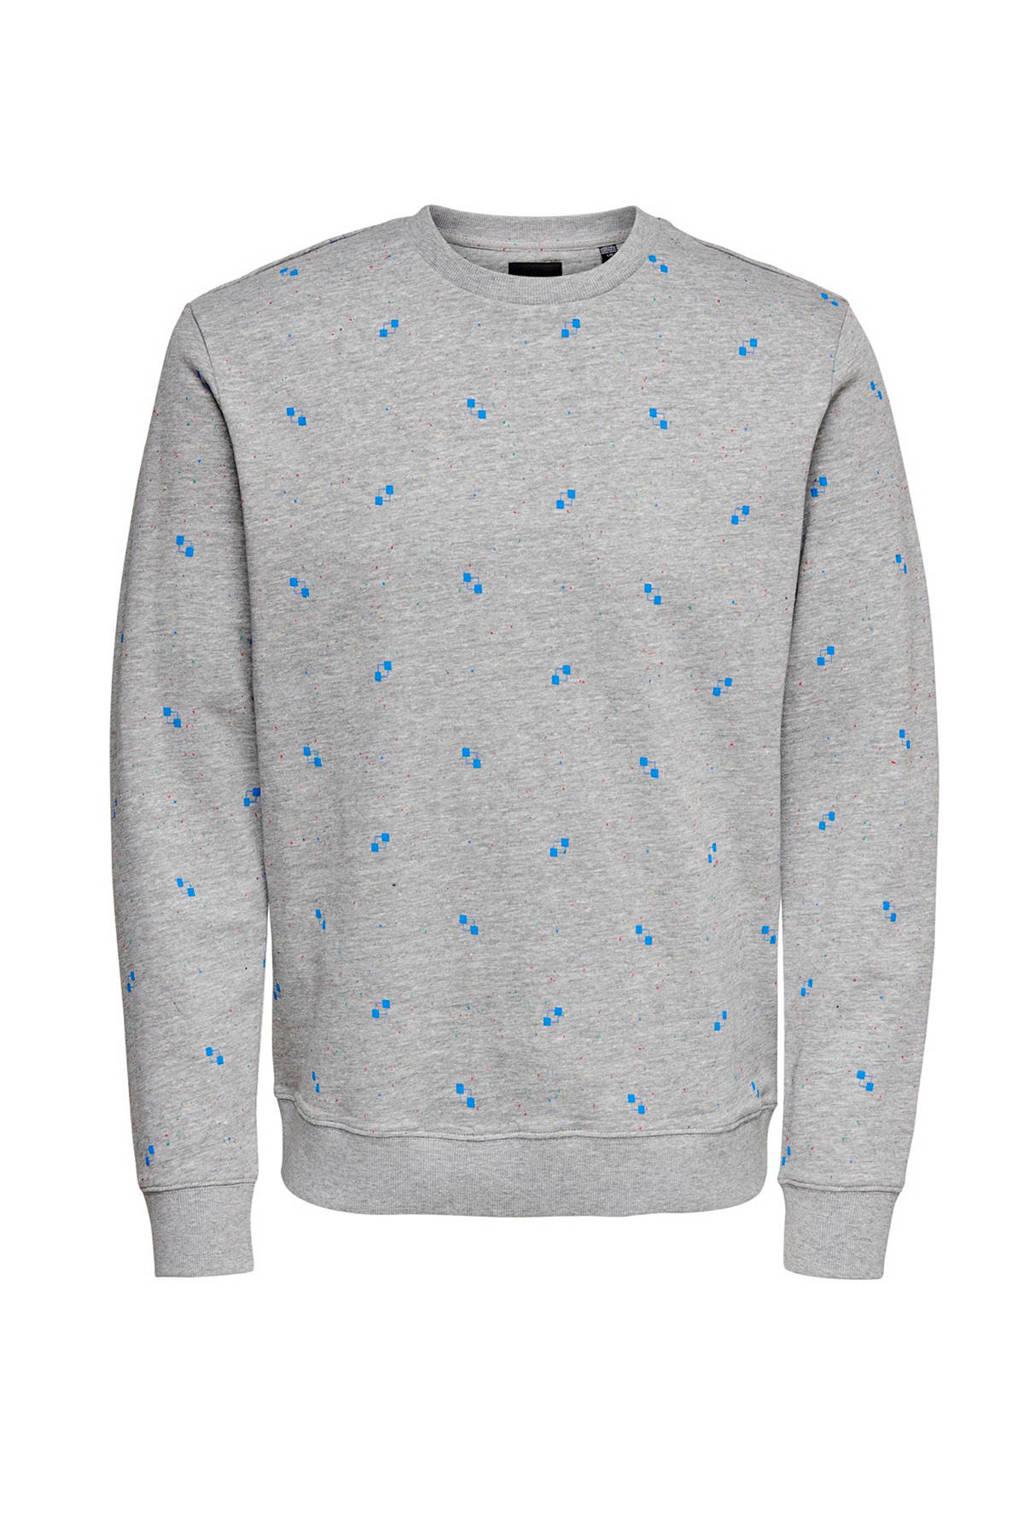 ONLY & SONS sweater met all over print grijs, Grijs/blauw